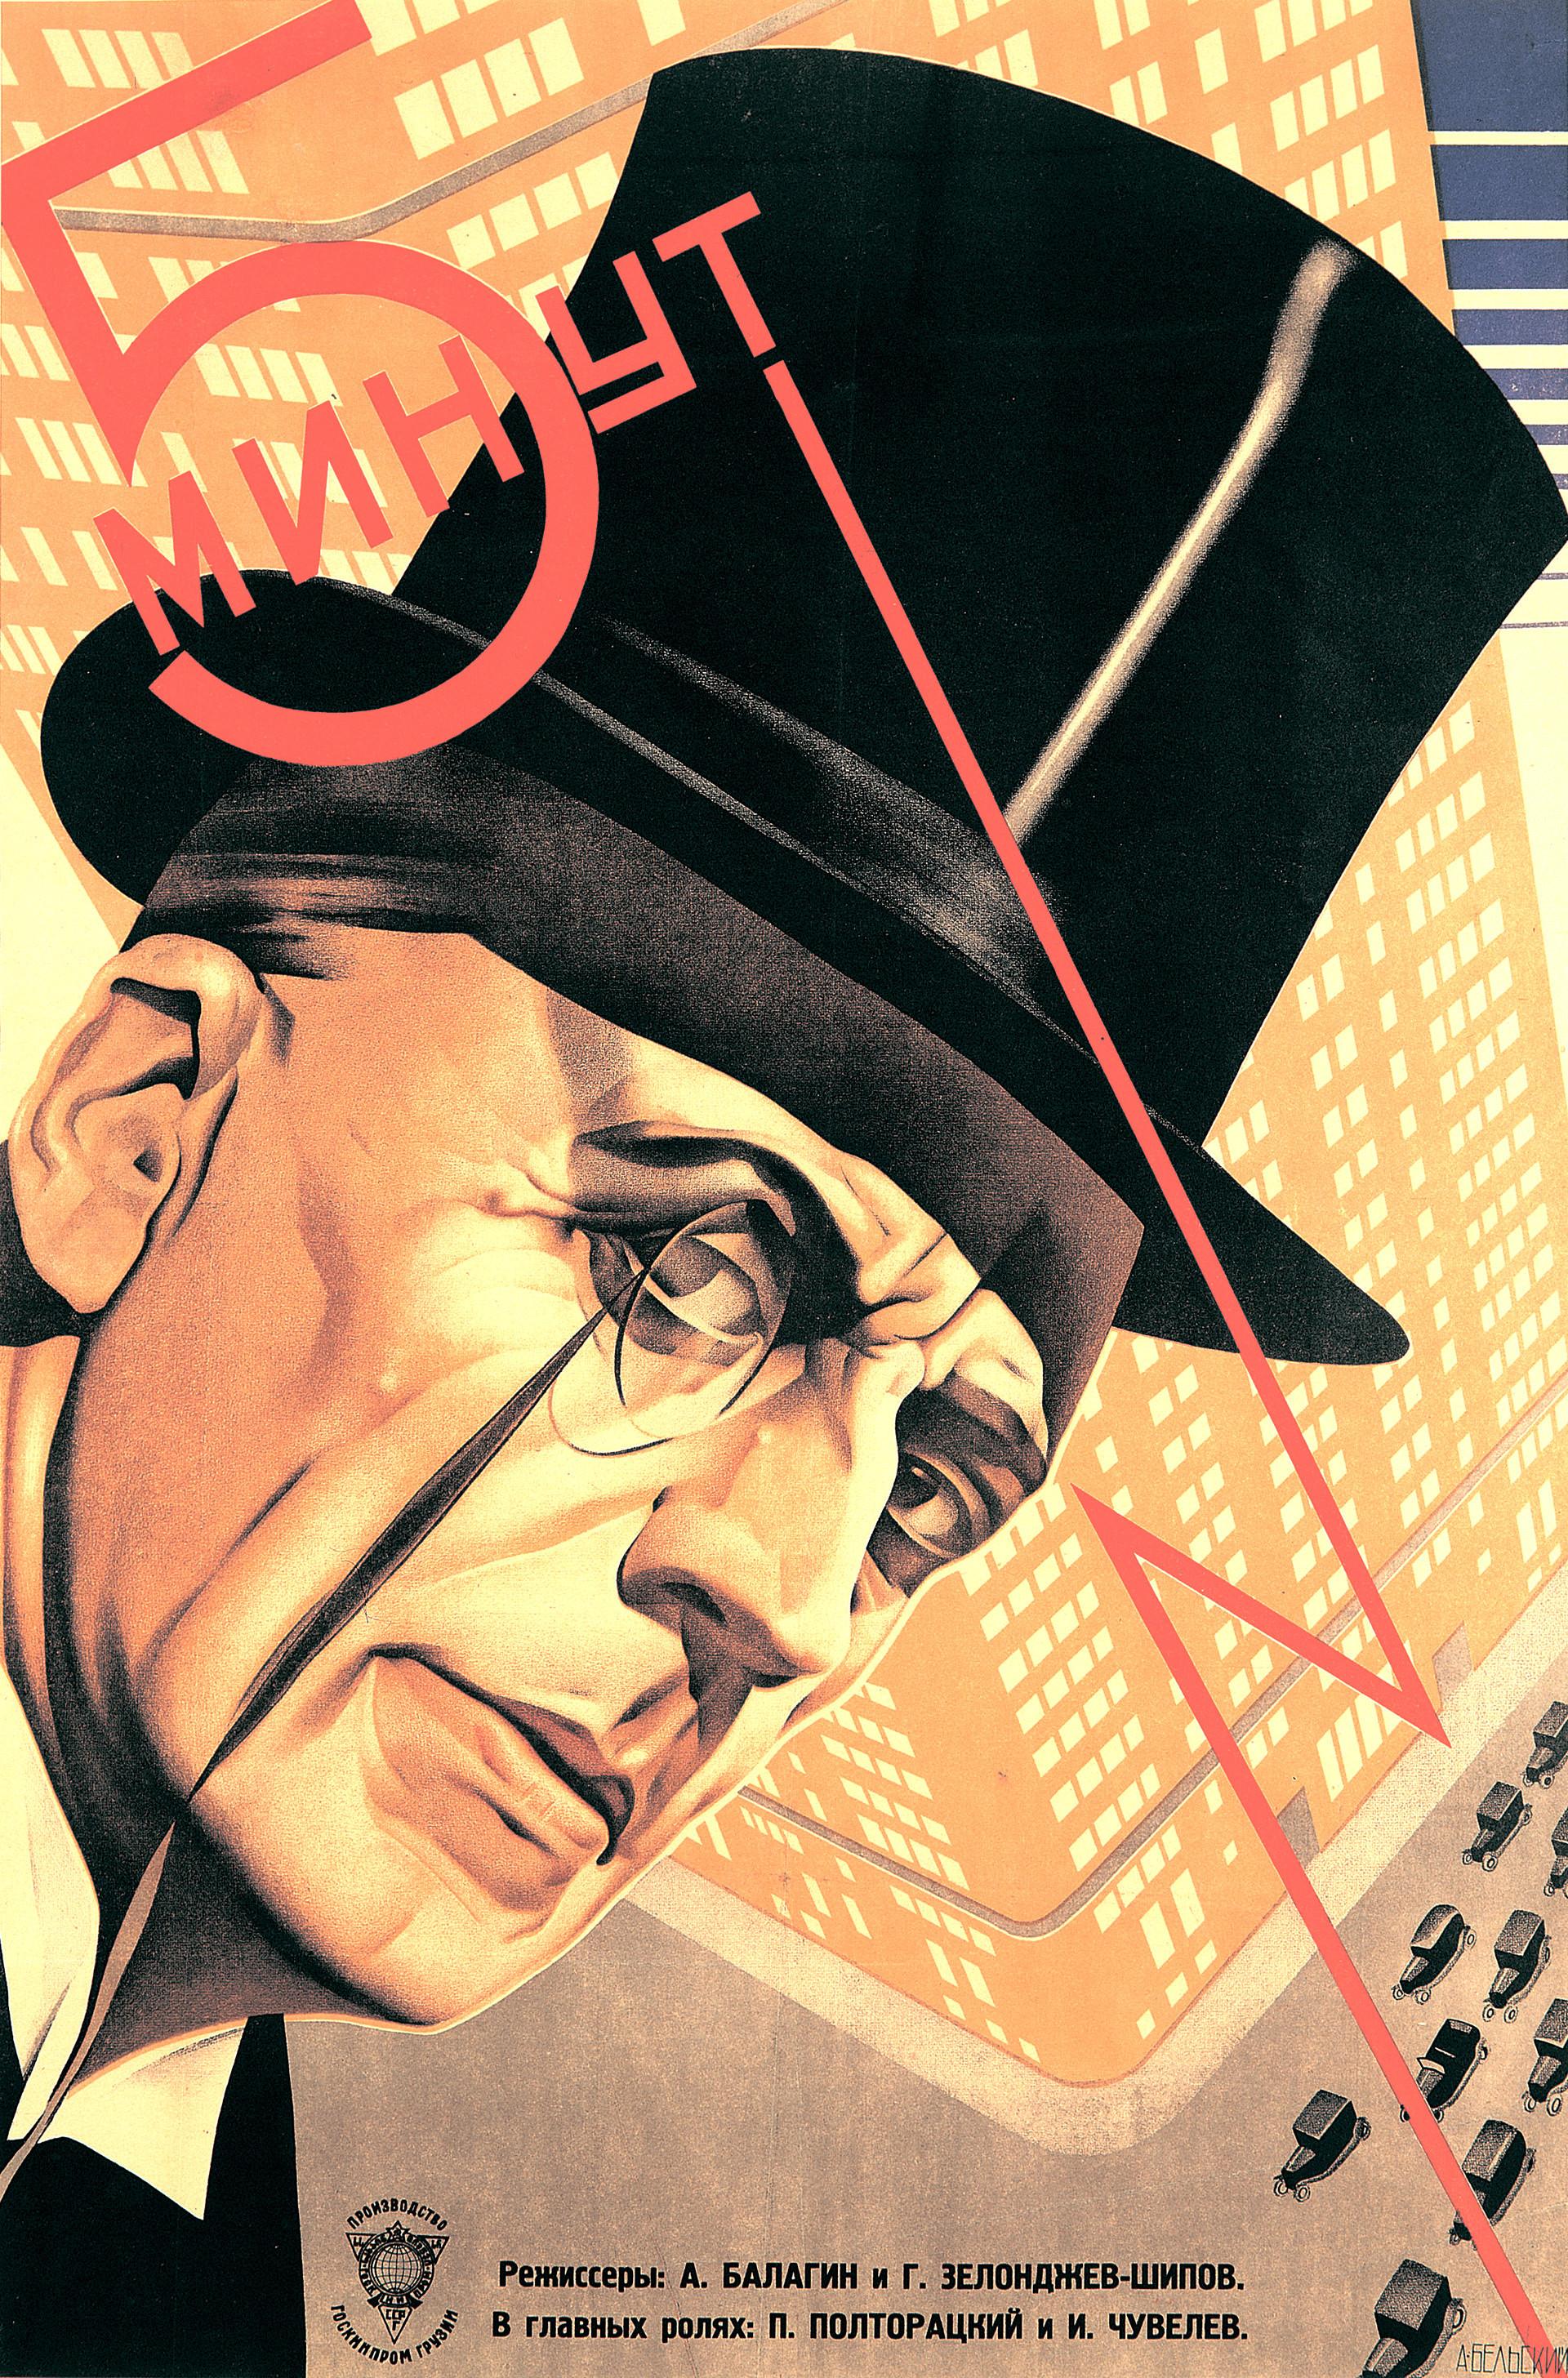 ニコライ・プルサコフ、映画『5分』(1929)のポスター